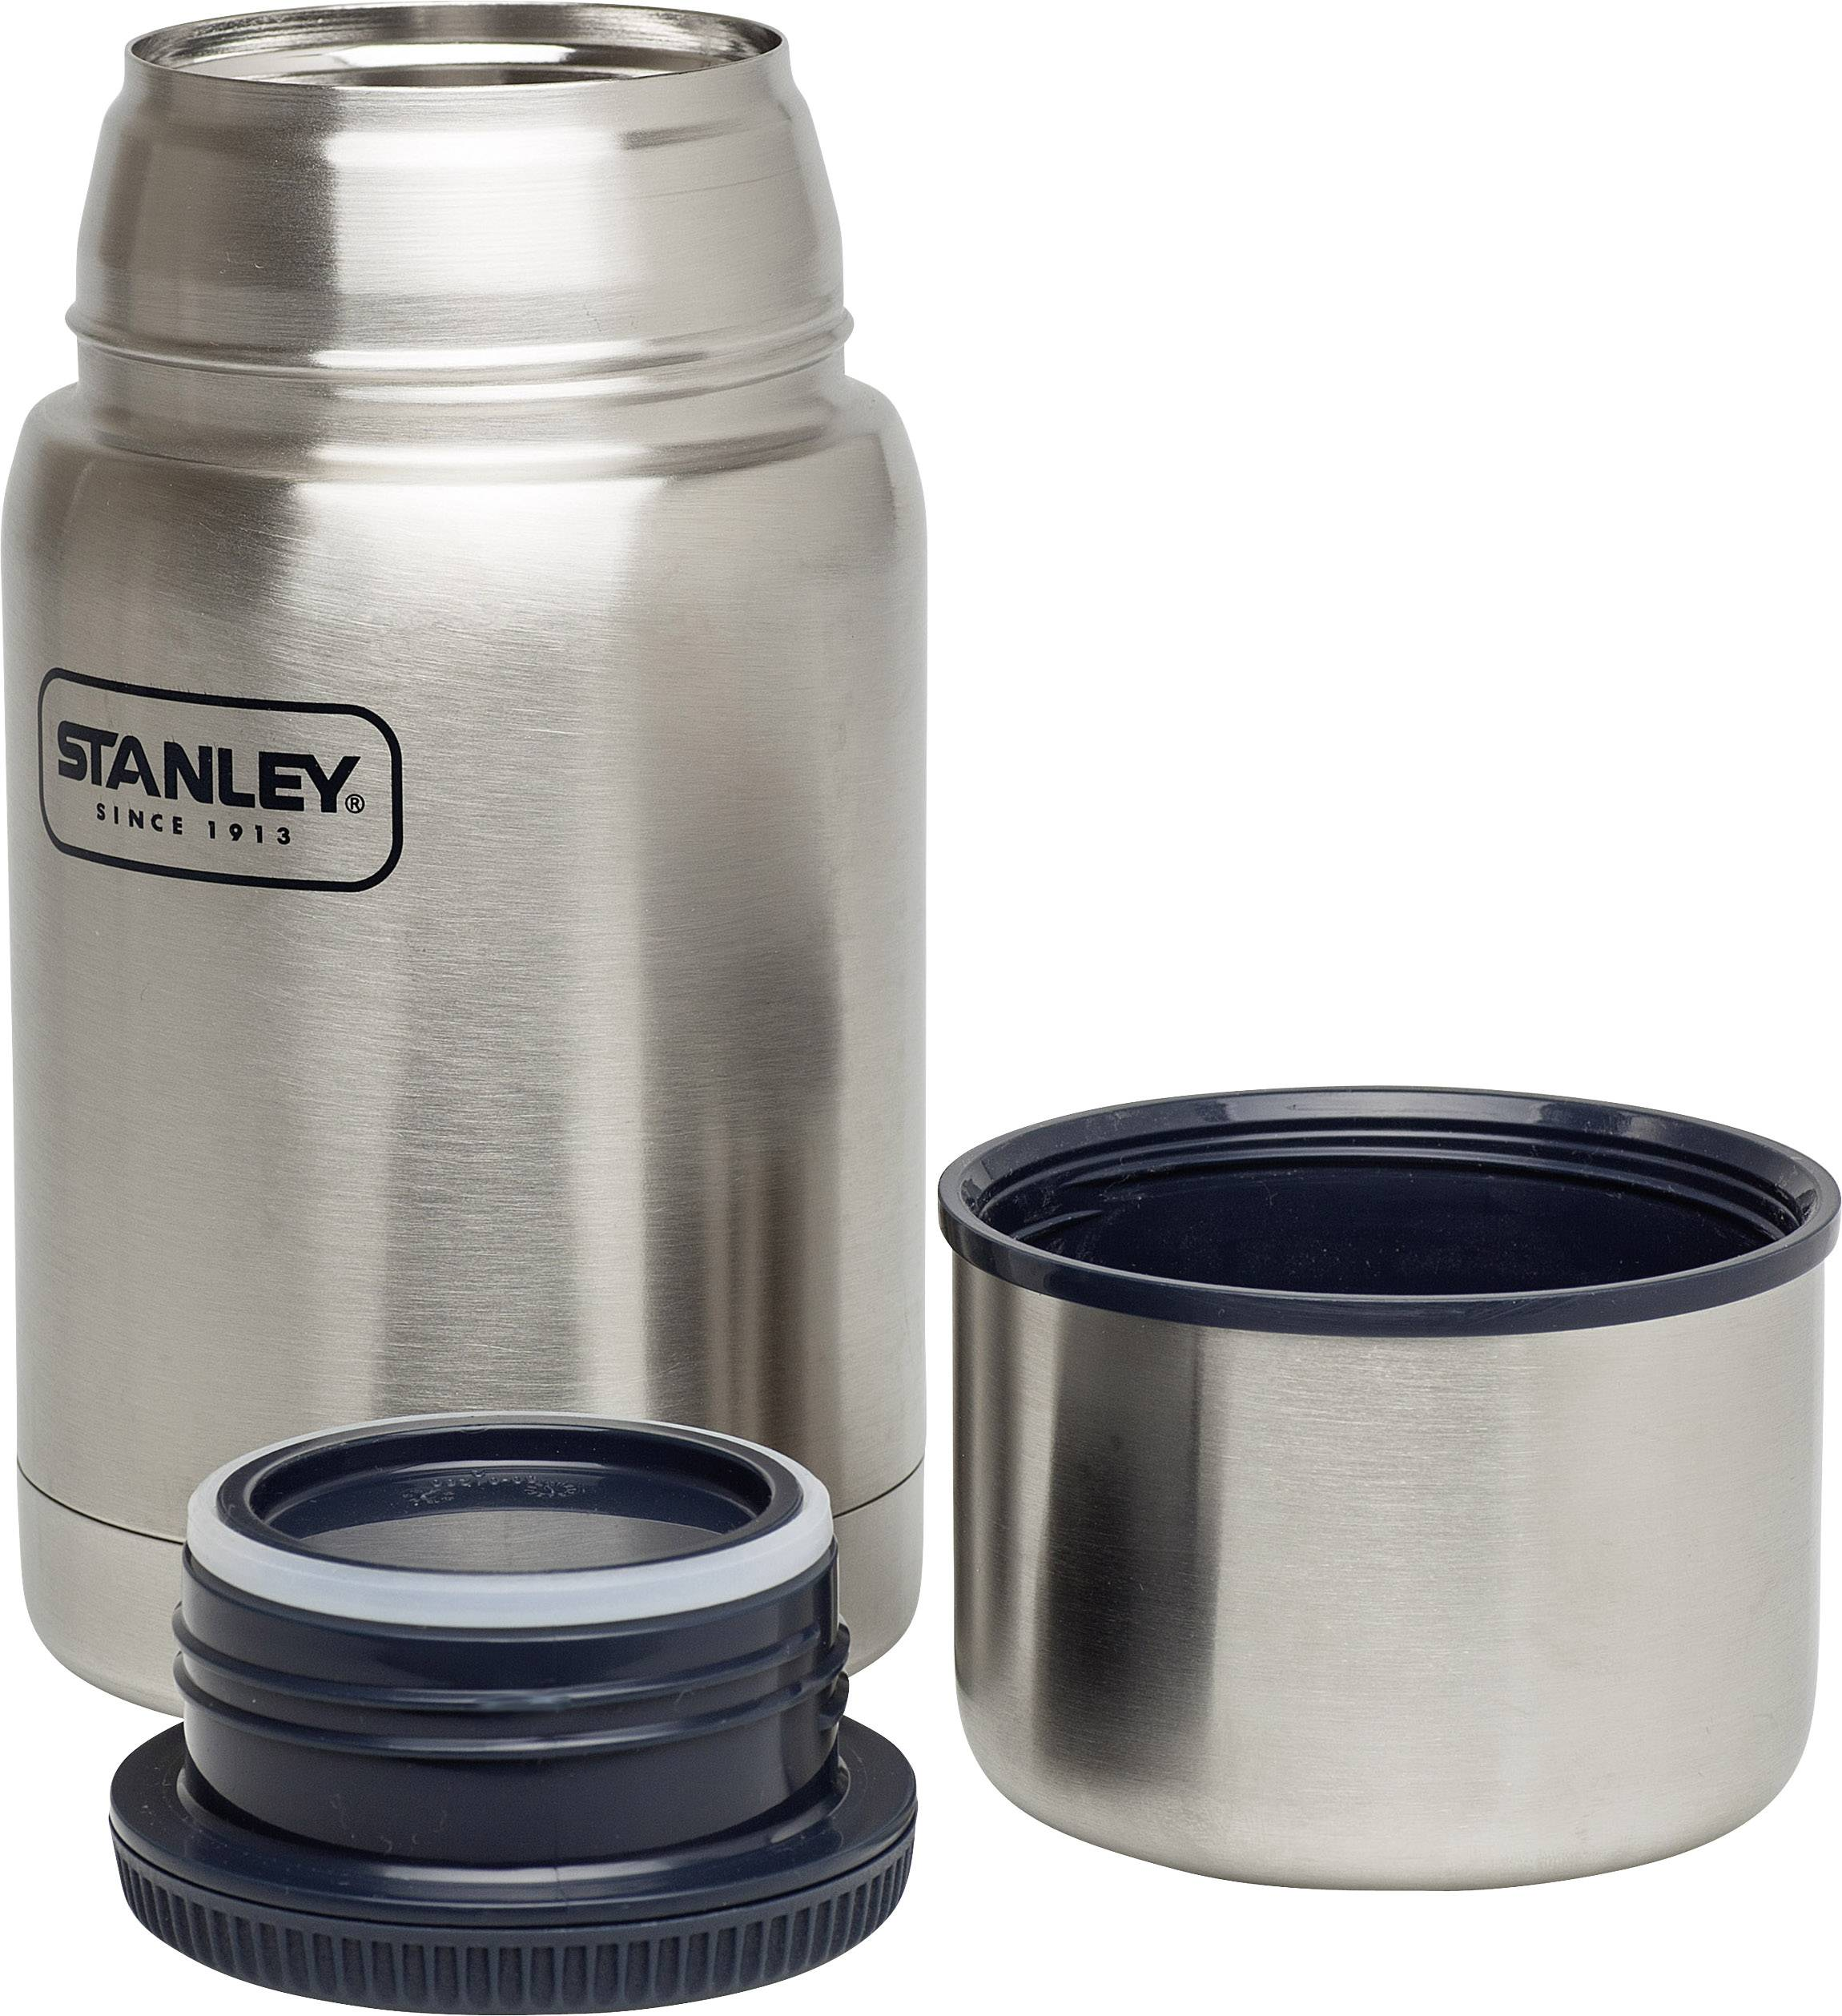 Kempingové nádoby na potraviny Stanley Food Jar 10-01571-009